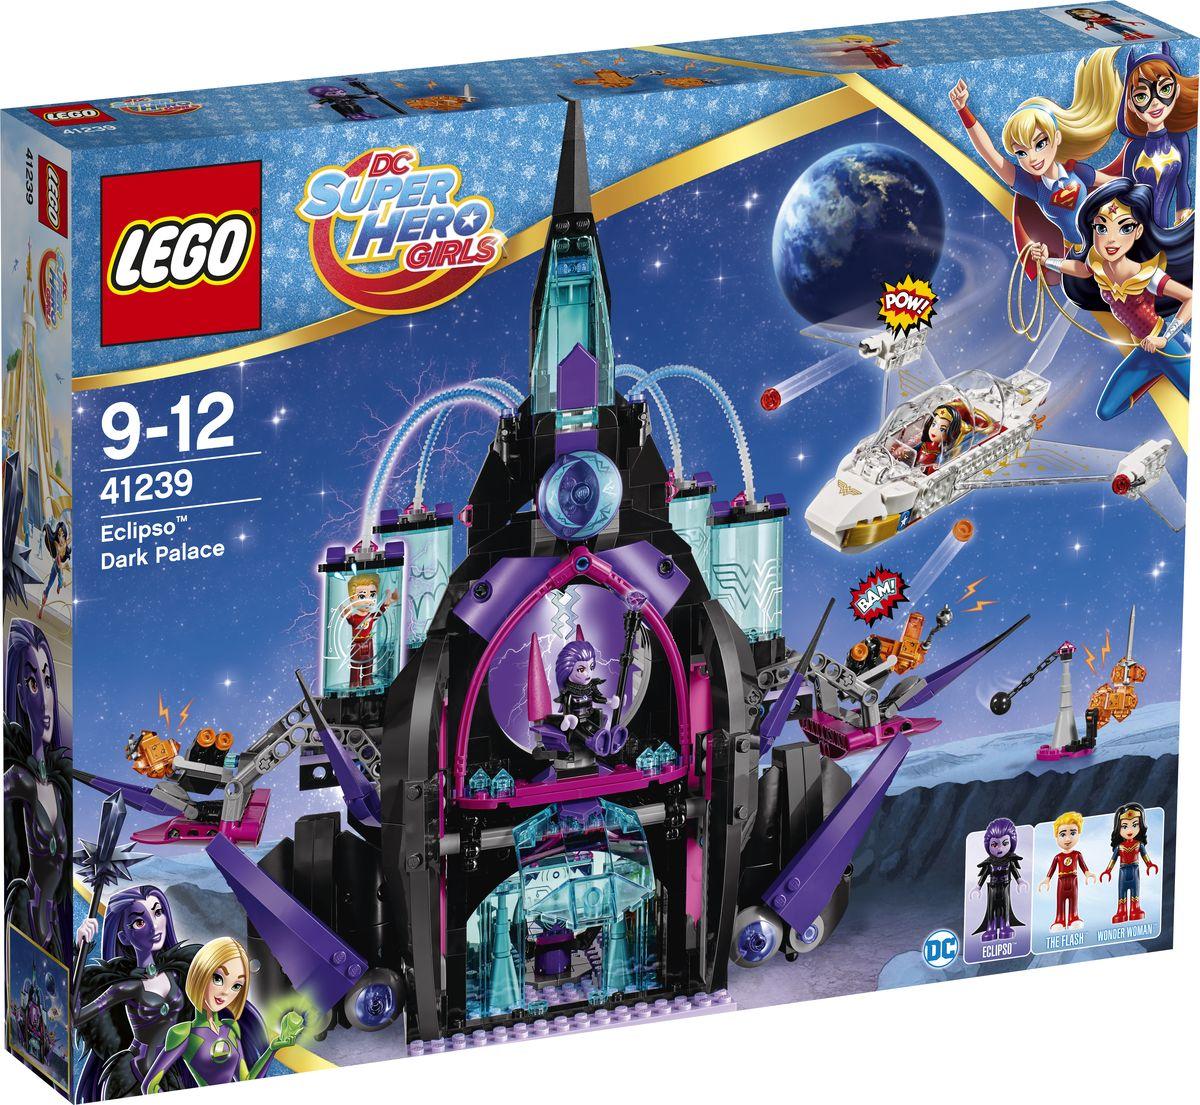 LEGO DC Super Hero Girls Конструктор Темный дворец Эклипсо 41239 велосипед navigator super hero girls 18 разноцветный двухколёсный